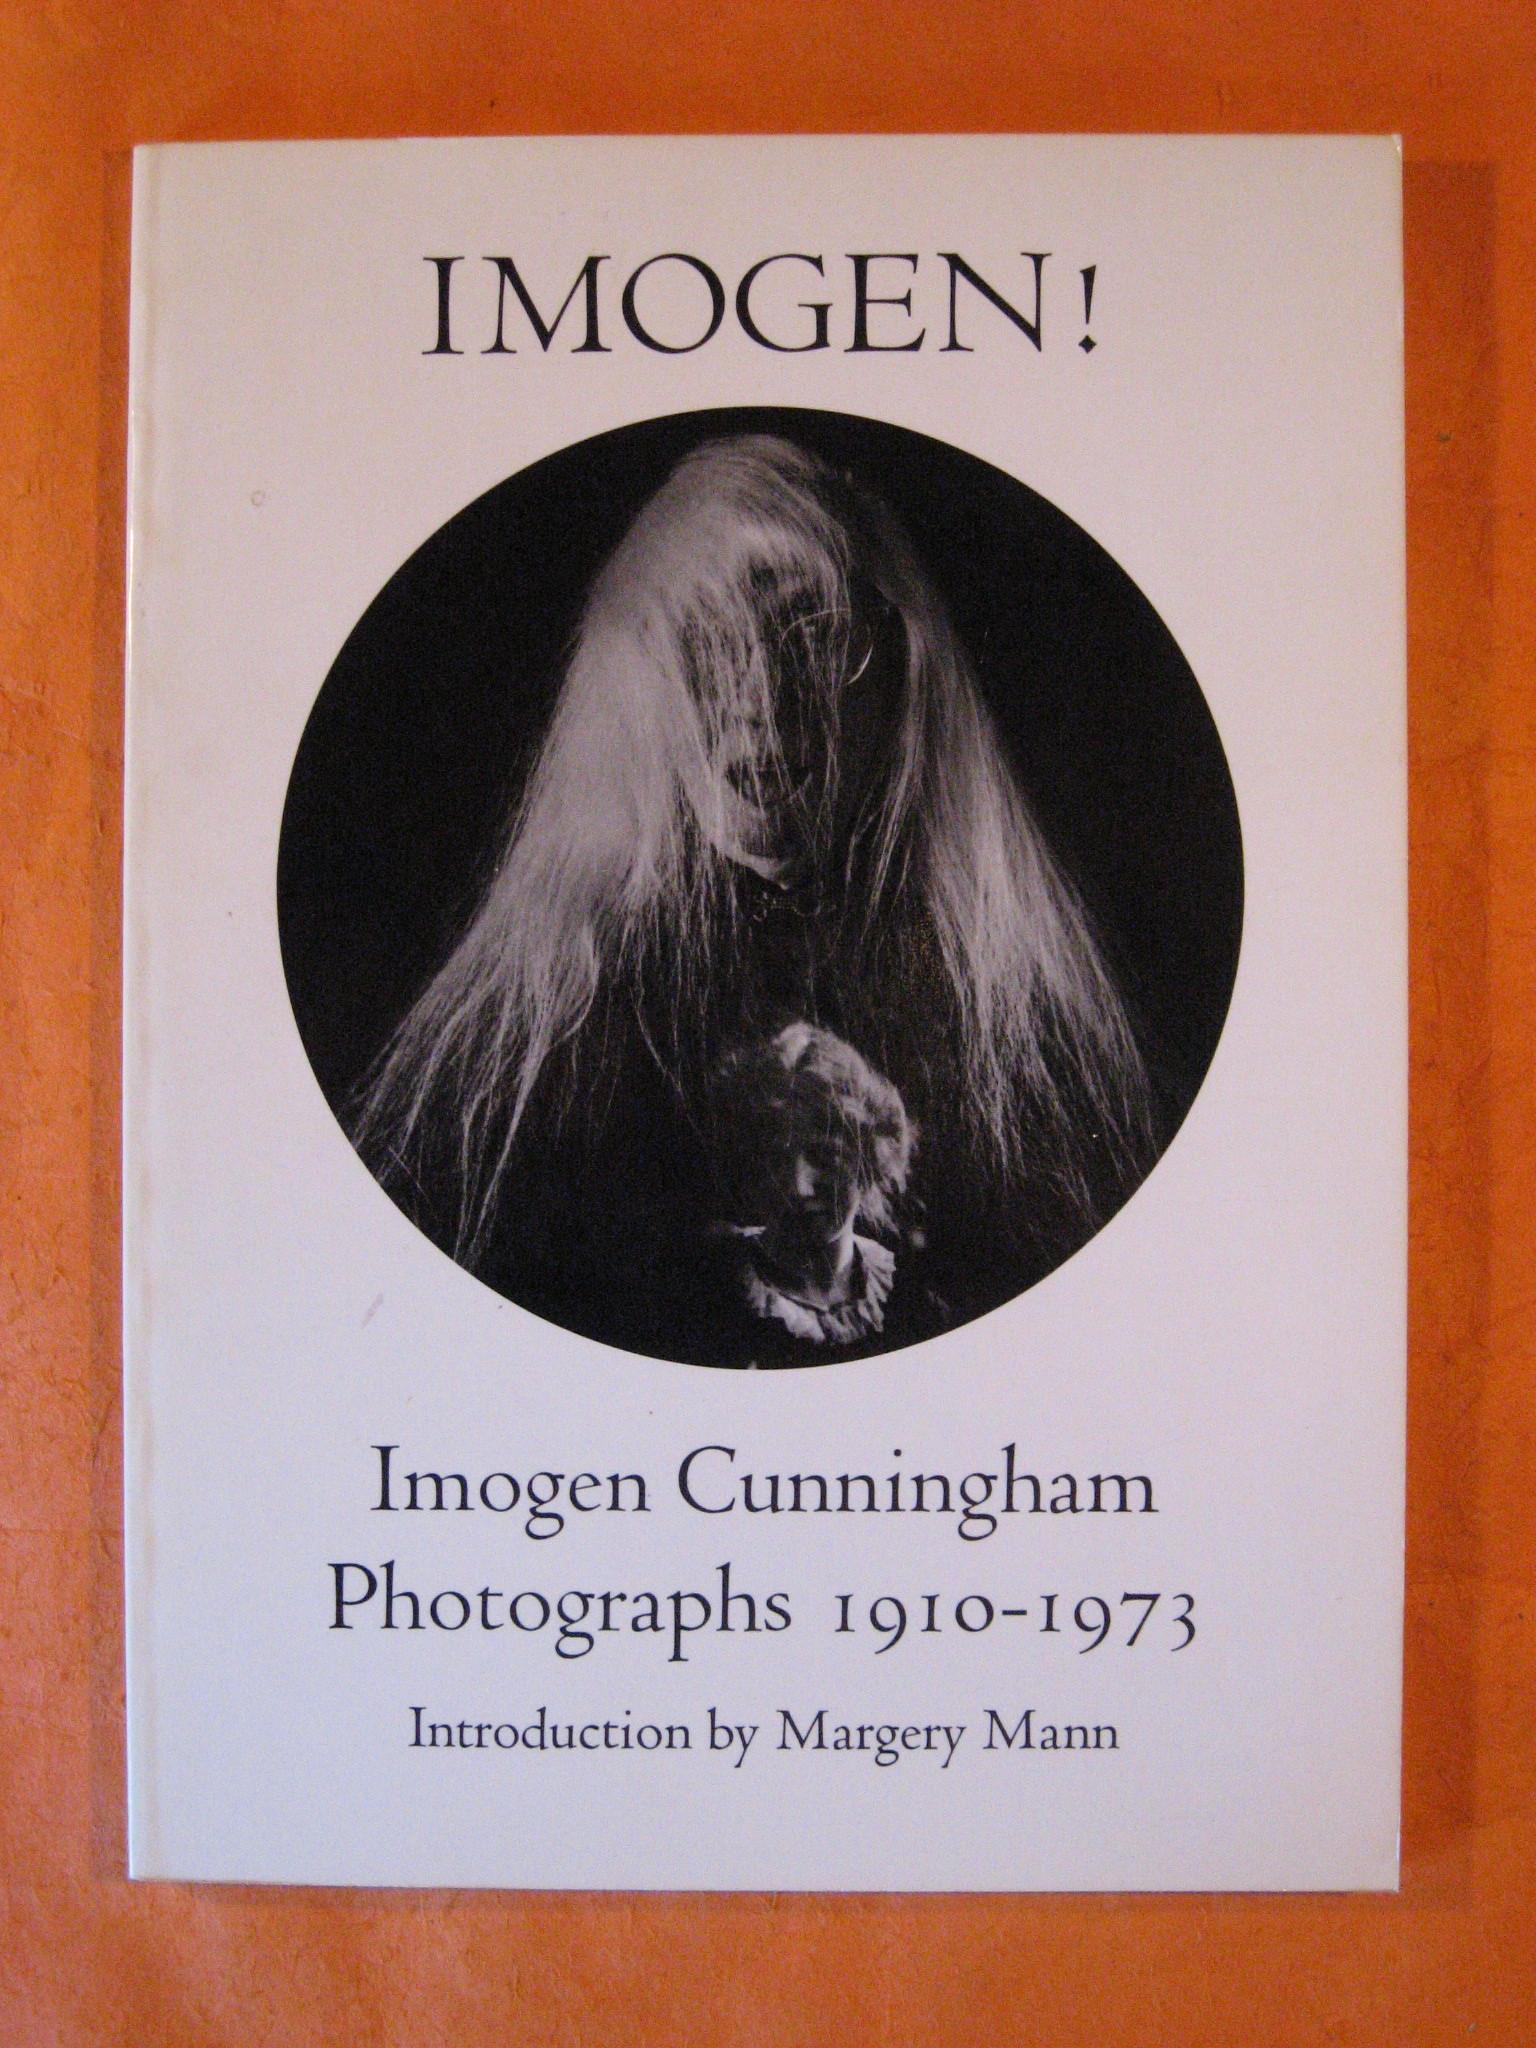 Image for Imogen!: Imogen Cunningham Photographs 1910-1973